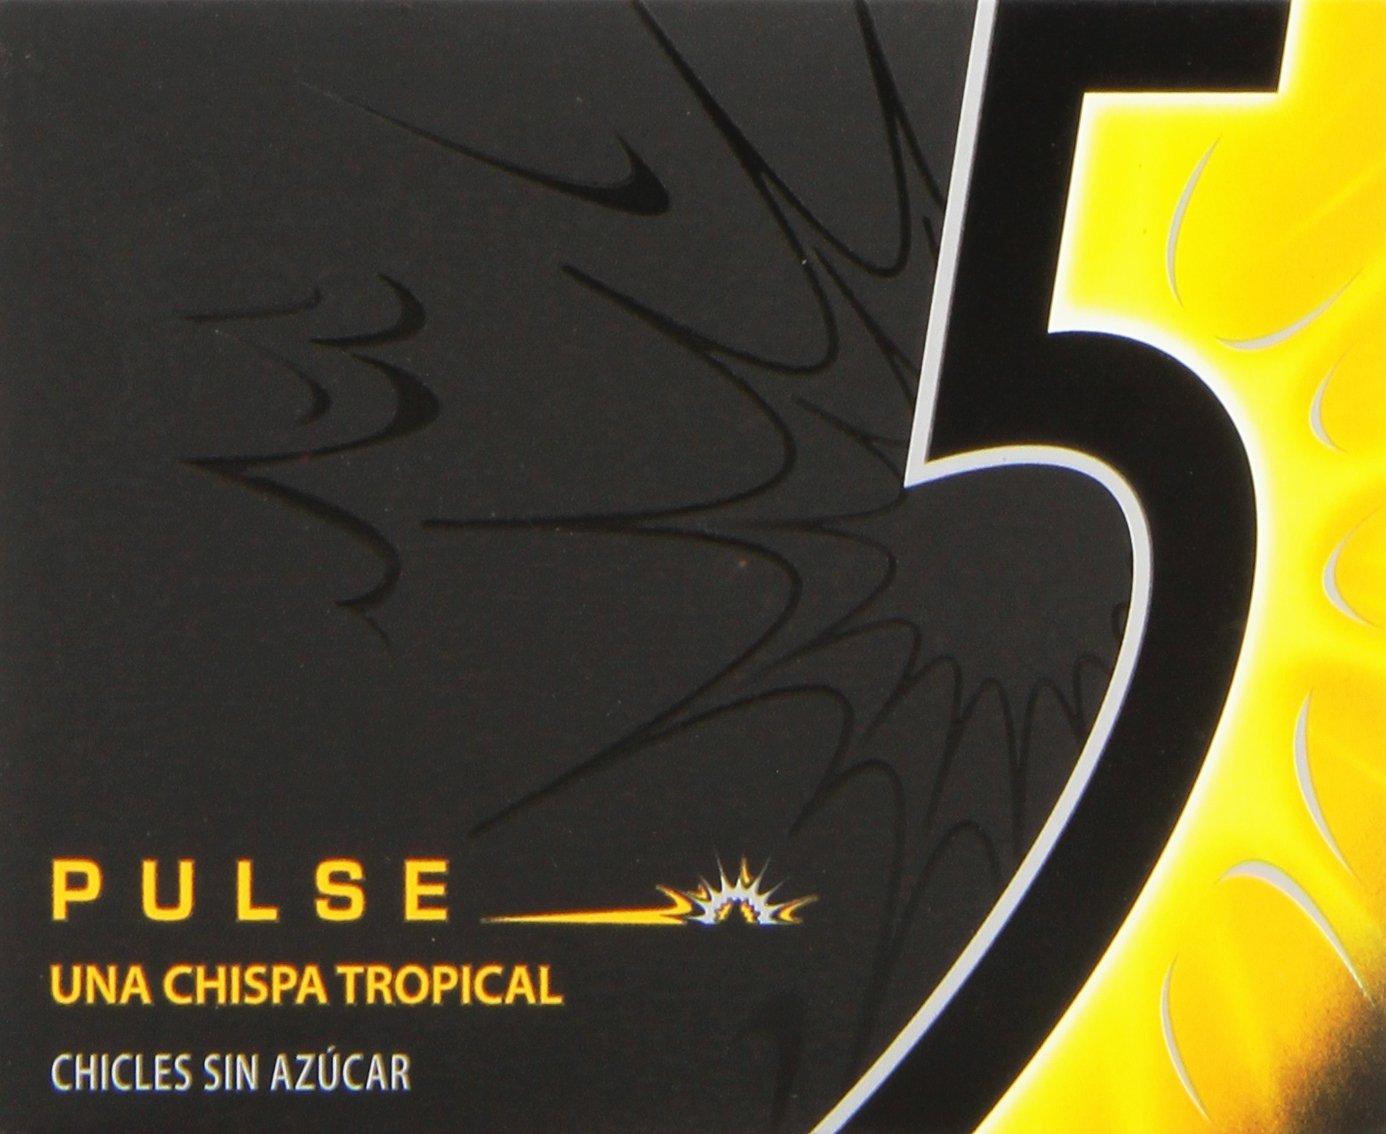 396fe0ede 5 - Pulse - Chicle sin azúcar con sabor tropical - 12 láminas  Amazon.es   Alimentación y bebidas